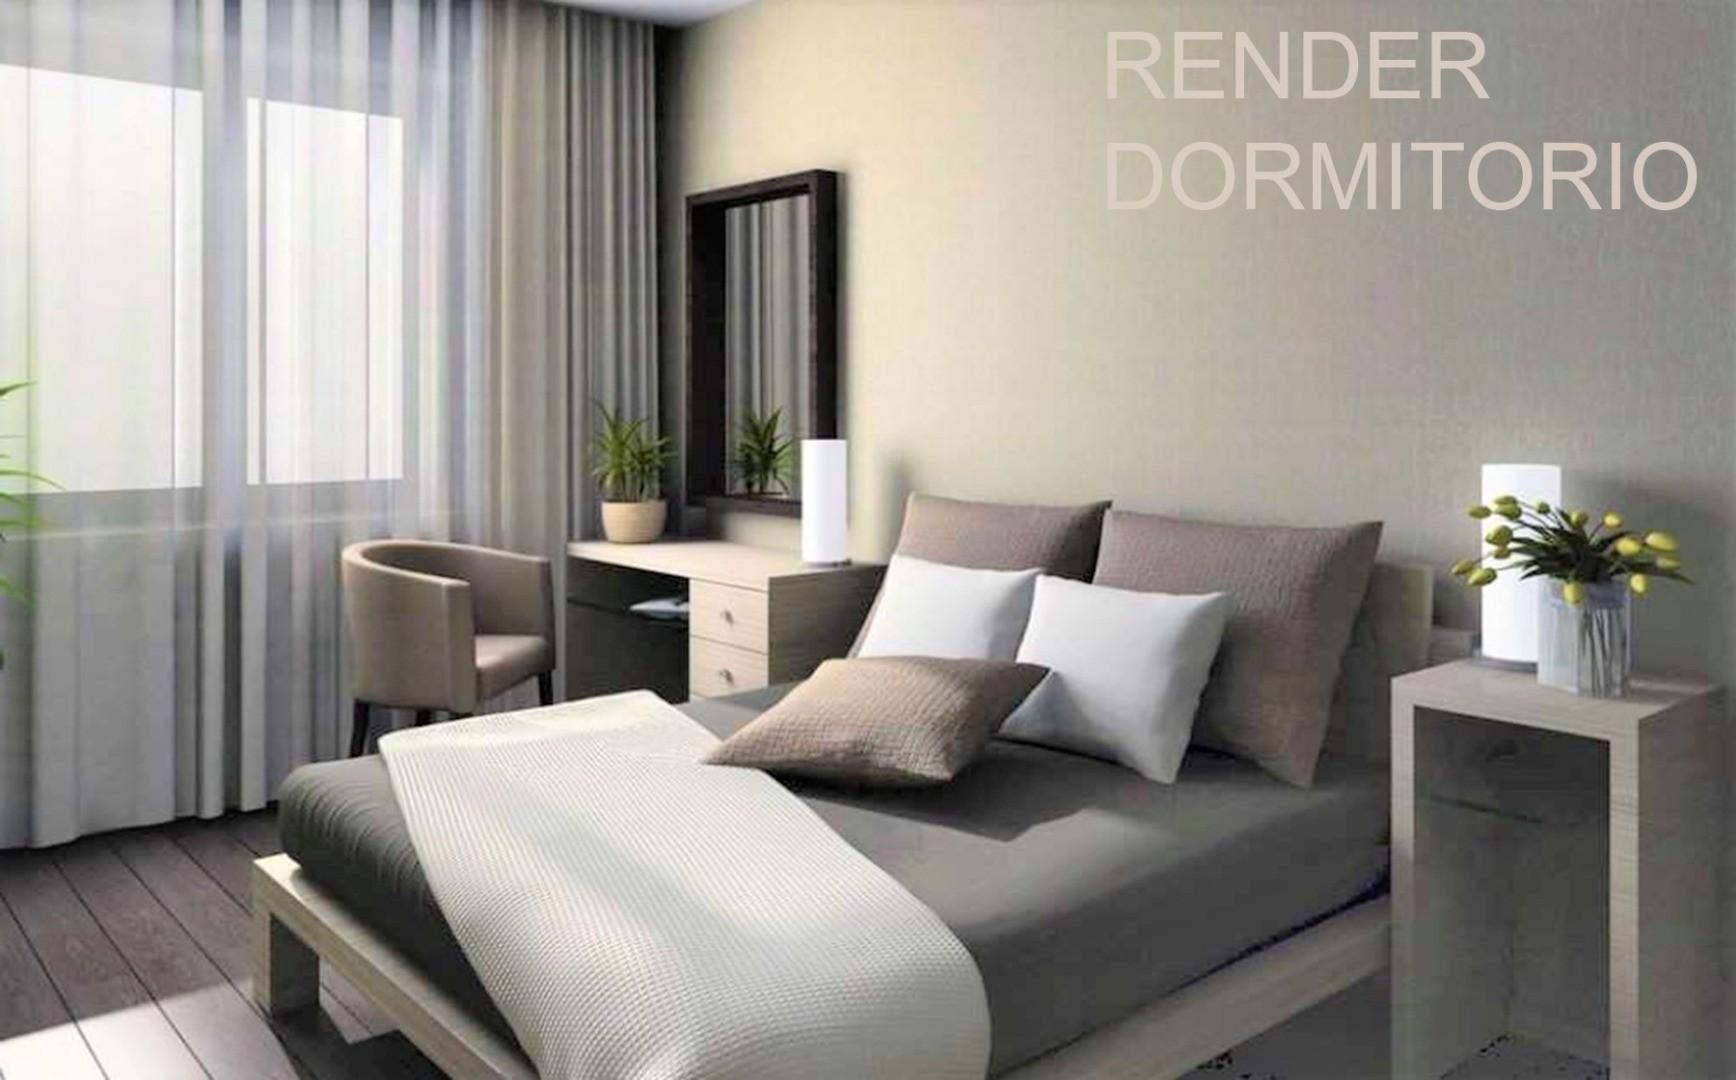 Casa en Venta en Ciudadela - 6 ambientes